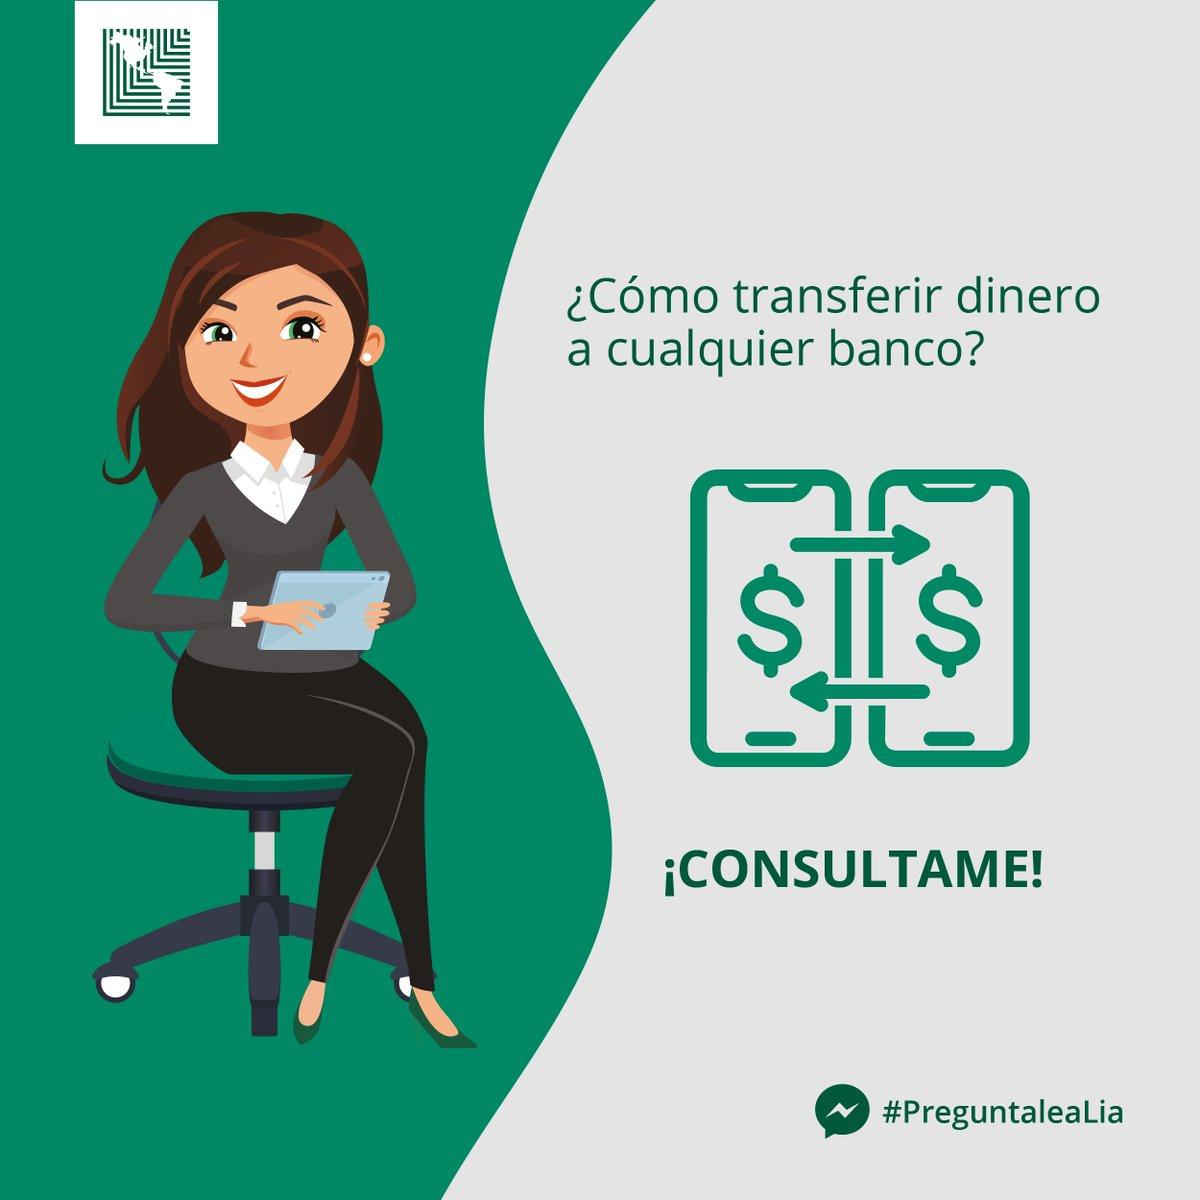 ¿Necesitás transferir dinero de banco a banco de forma digital? 📲  #PreguntaleALia ¡Chateale! A través de Facebook Messenger ella te dirá  cómo hacerlo desde nuestra banca en línea. 🙌  ➡️Escribile vía Messenger aquí: https://t.co/ScsCULbUMO  #PreguntaleaLiaenCasa #LiadeLAFISE https://t.co/BXq0S4AGx3